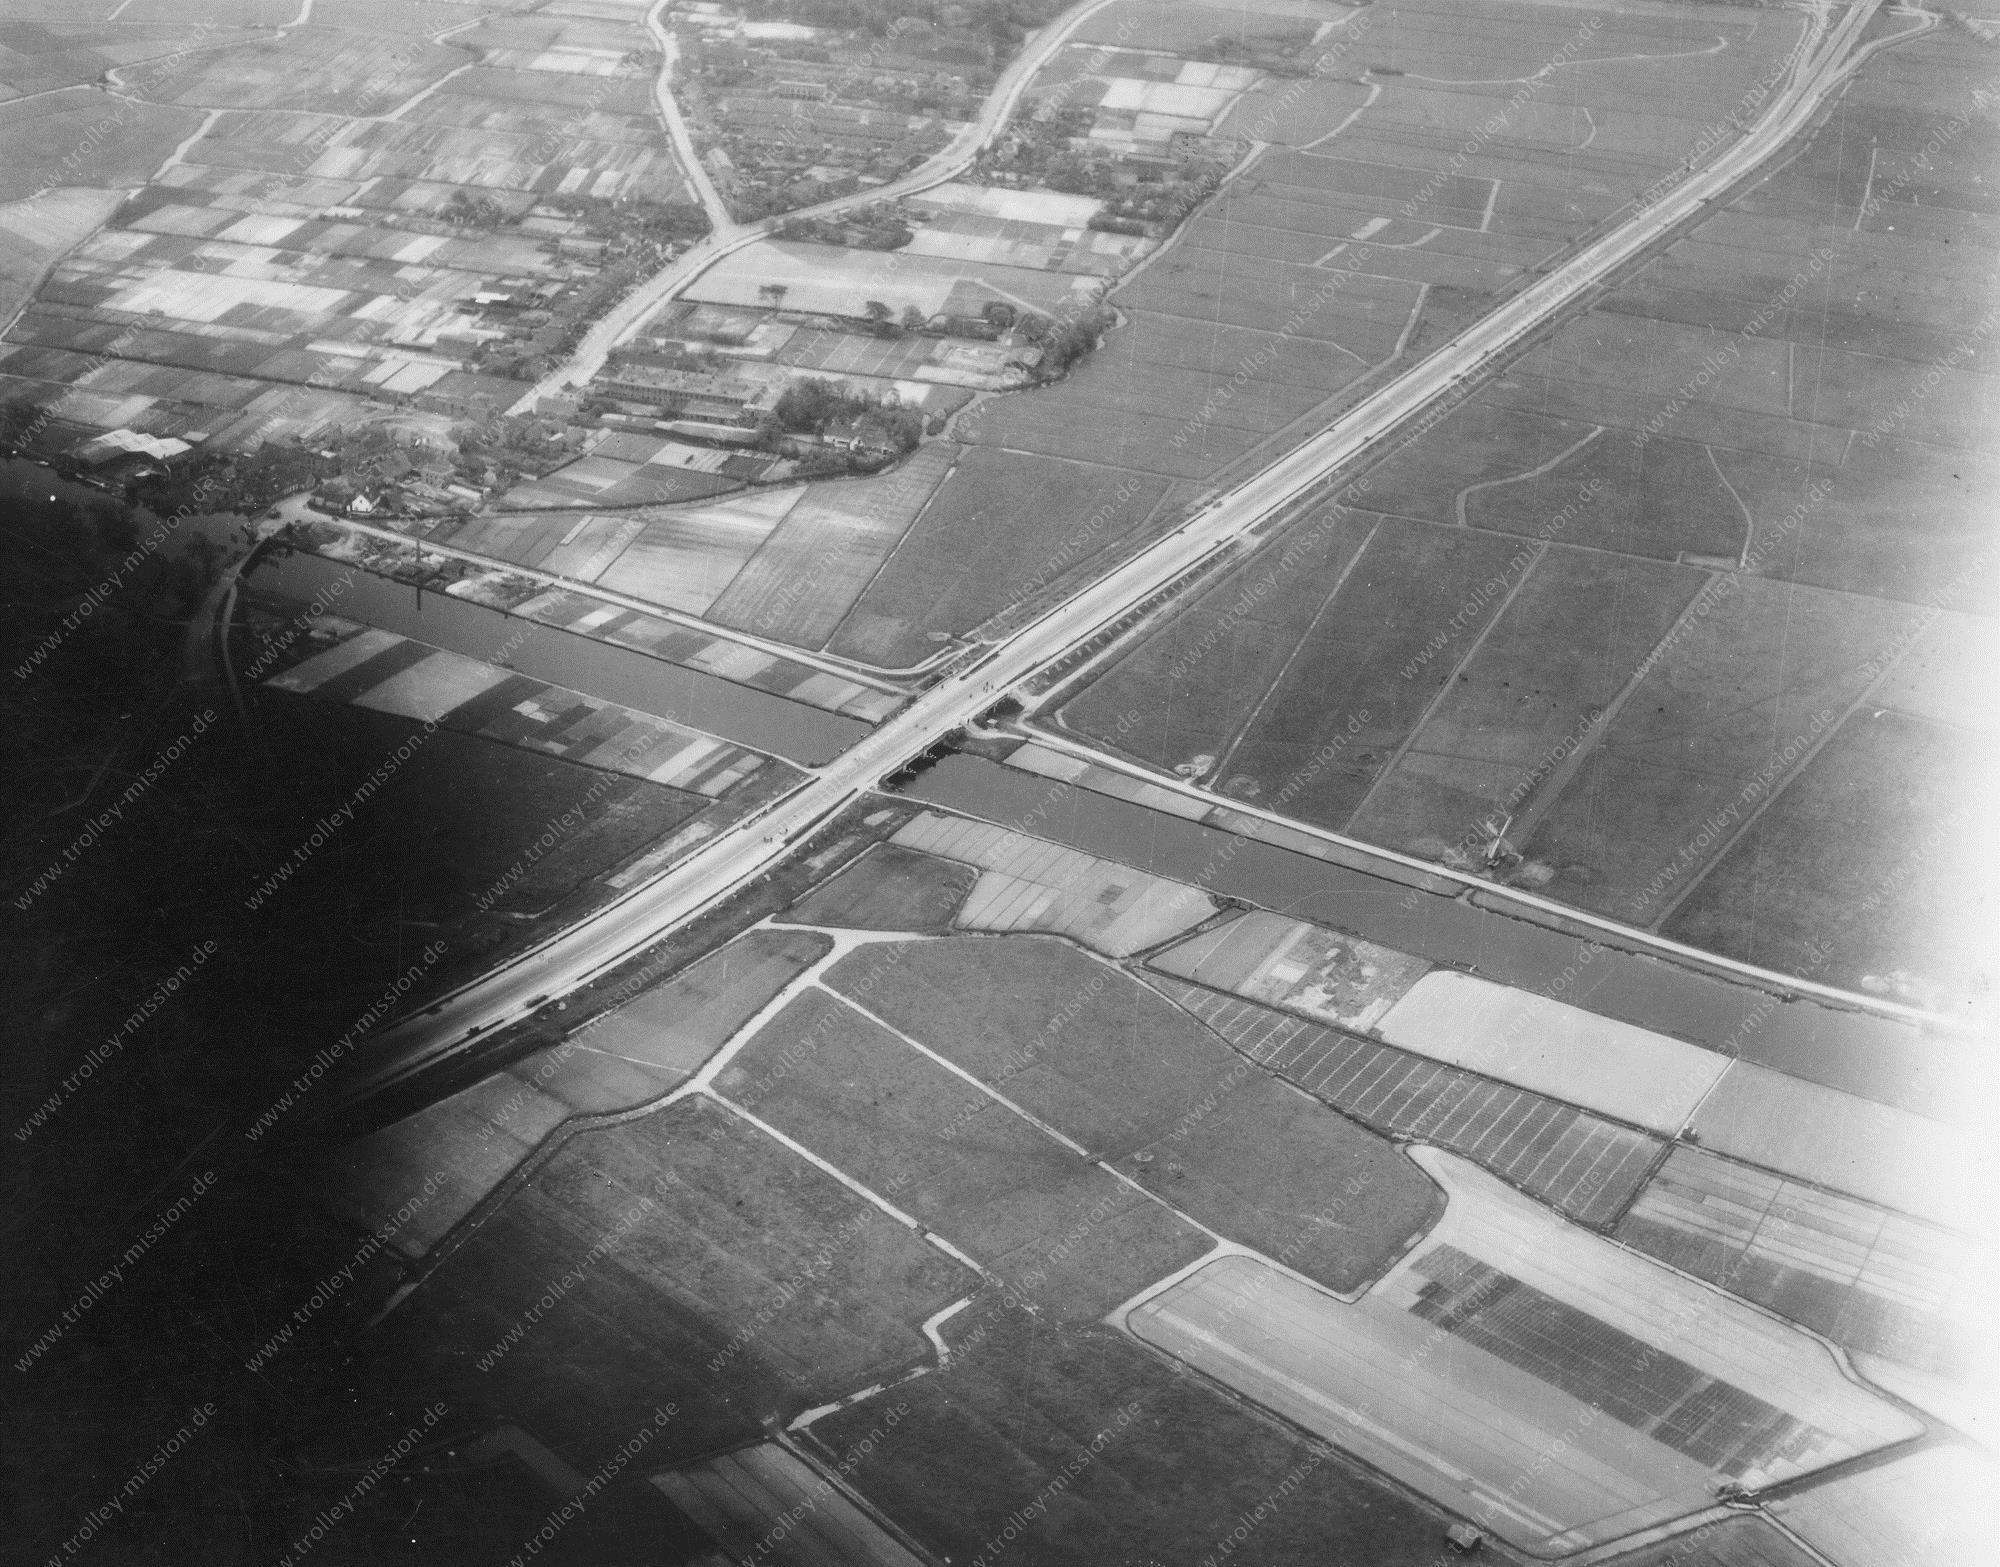 Luftbild der Autobahnbrücke in der Nähe von Bloemenbuurt-Leiden (Niederlande)